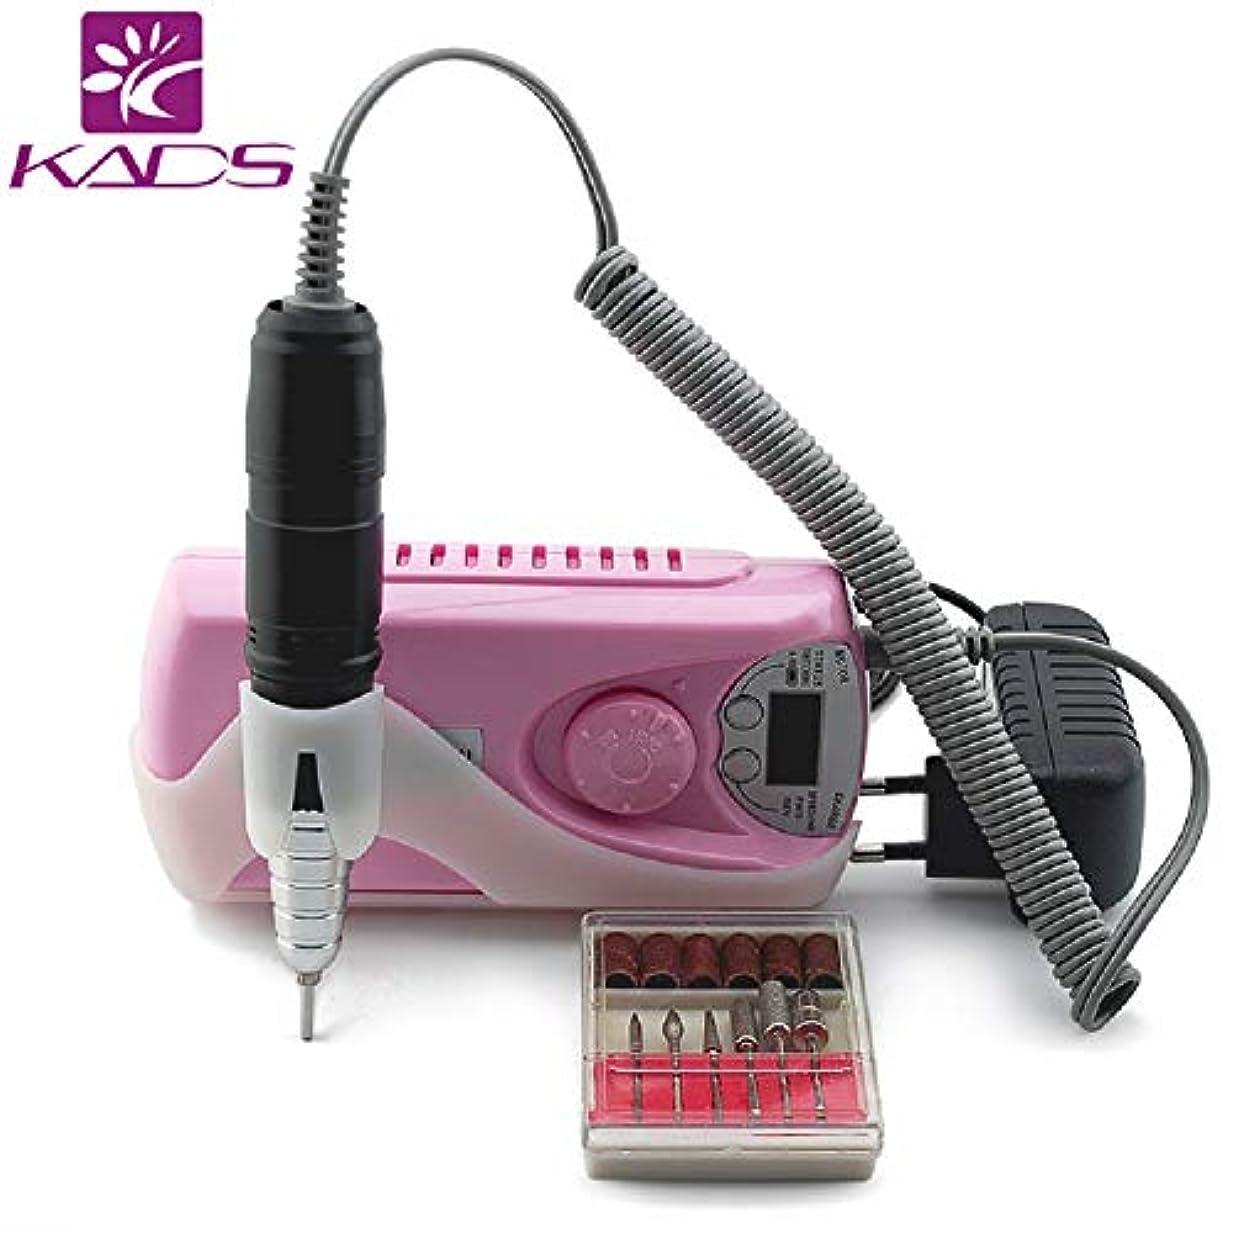 阻害するロータリー検証KADSサロン電動マシン 電気ネイルマシン ネイルアート機器 ドリルマシン 角質除去 甘皮処理